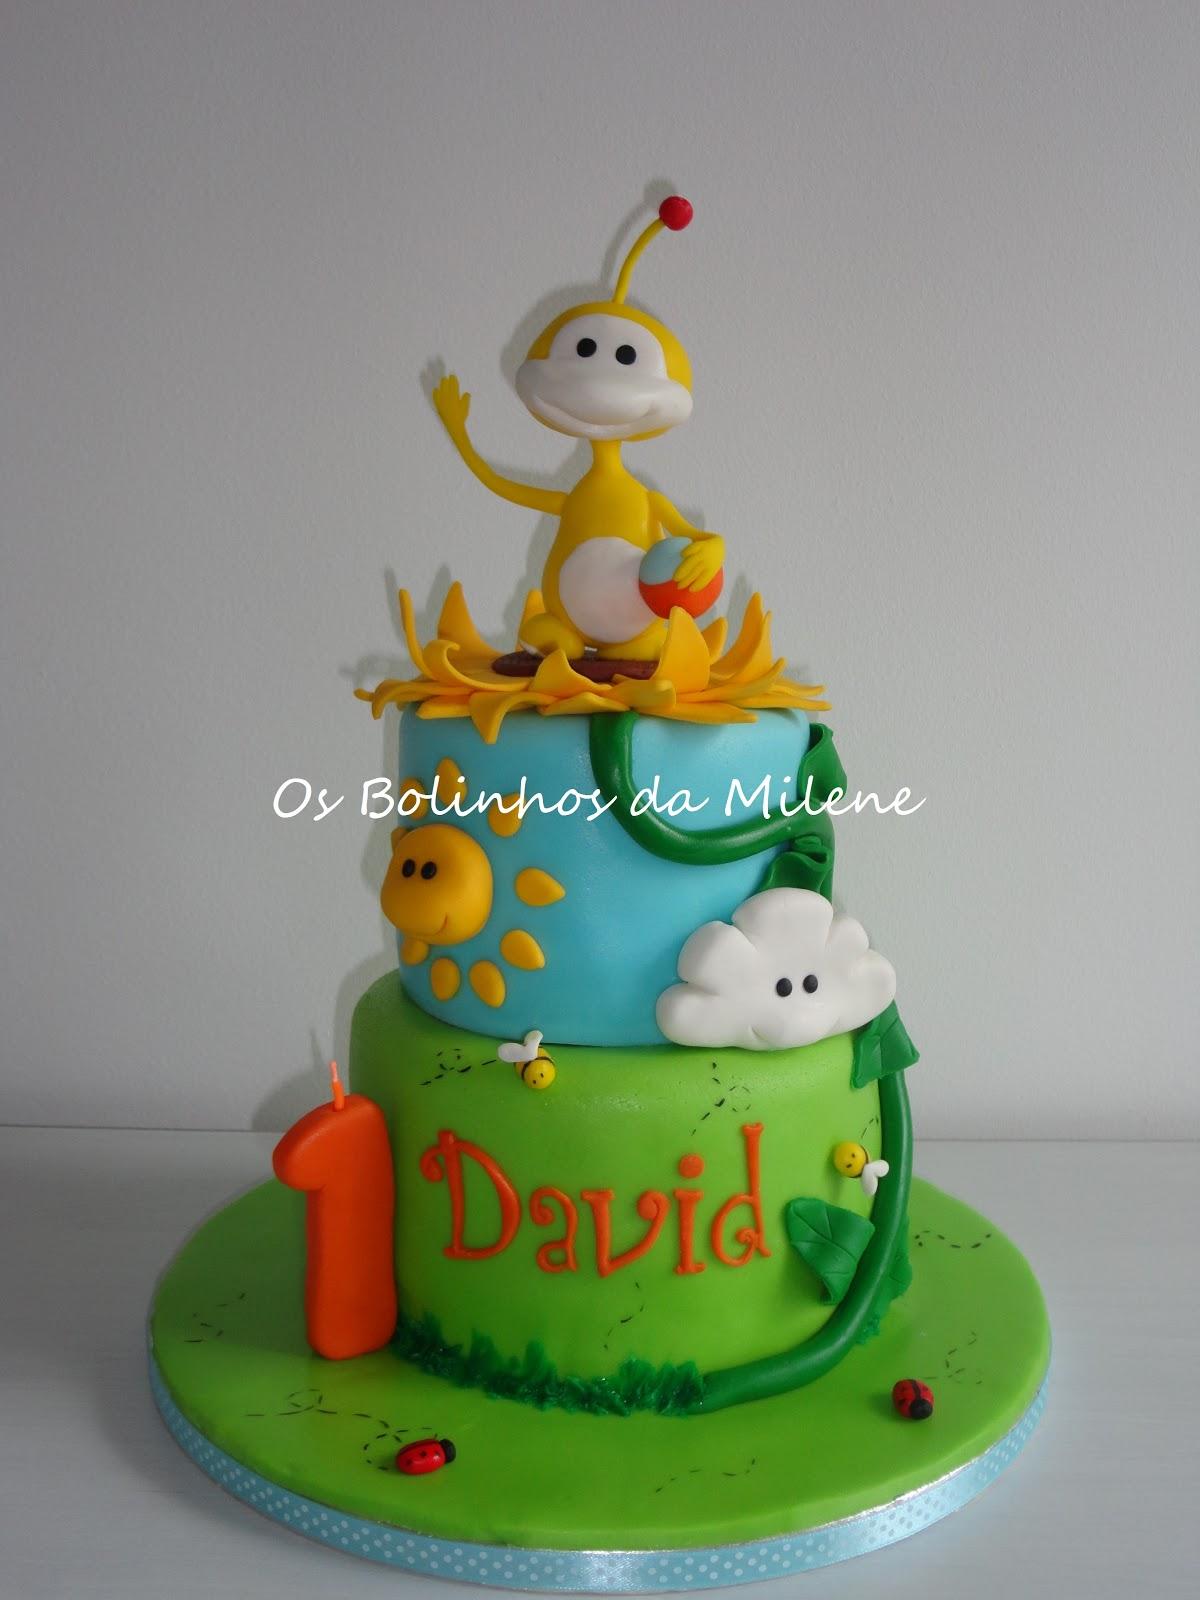 Cake Design Lisboa Encomendas : Cake Pops Portugal : . . Os Bolinhos da Milene: Bolo Uki